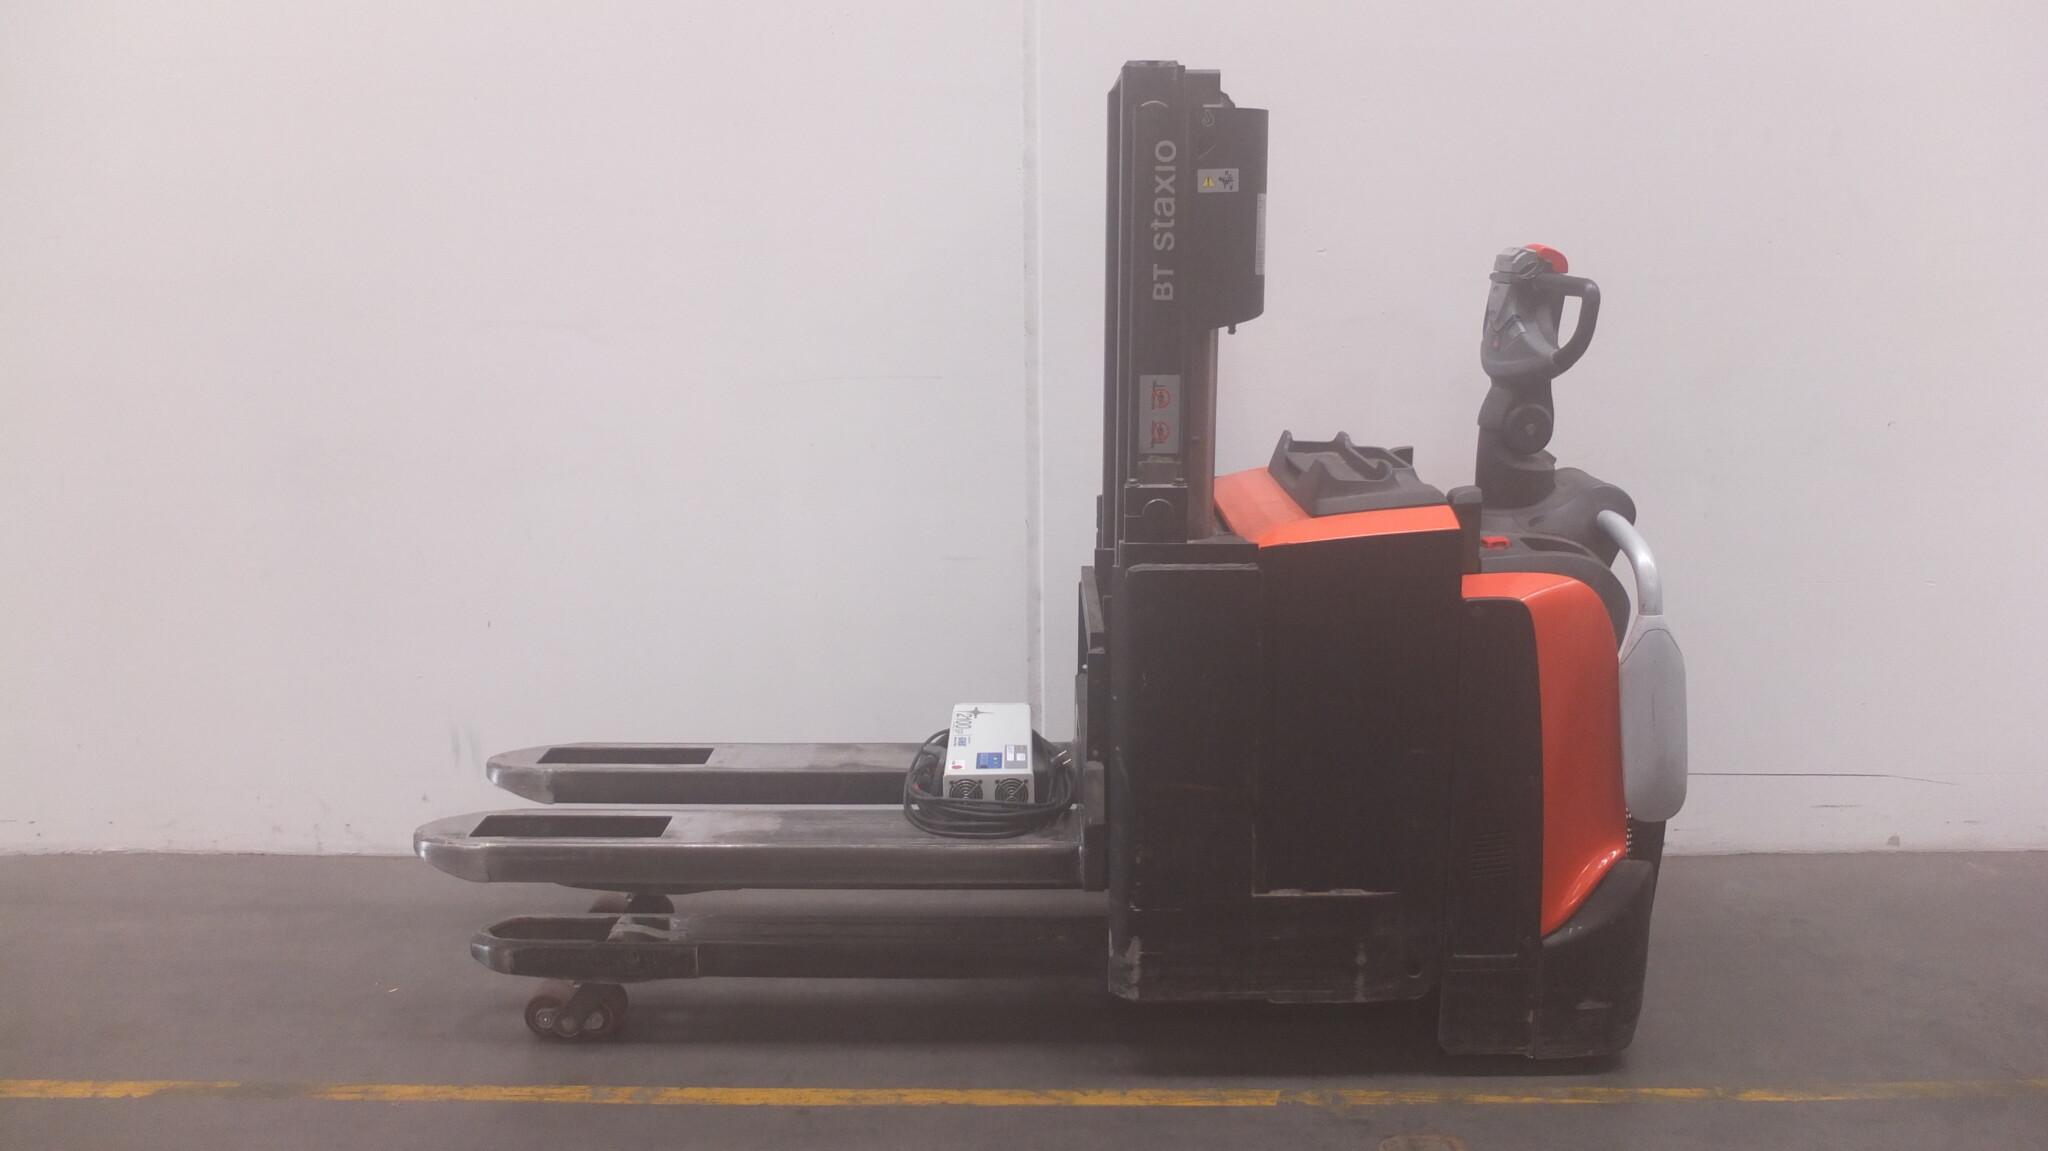 Toyota-Gabelstapler-59840 1611010056 1 scaled